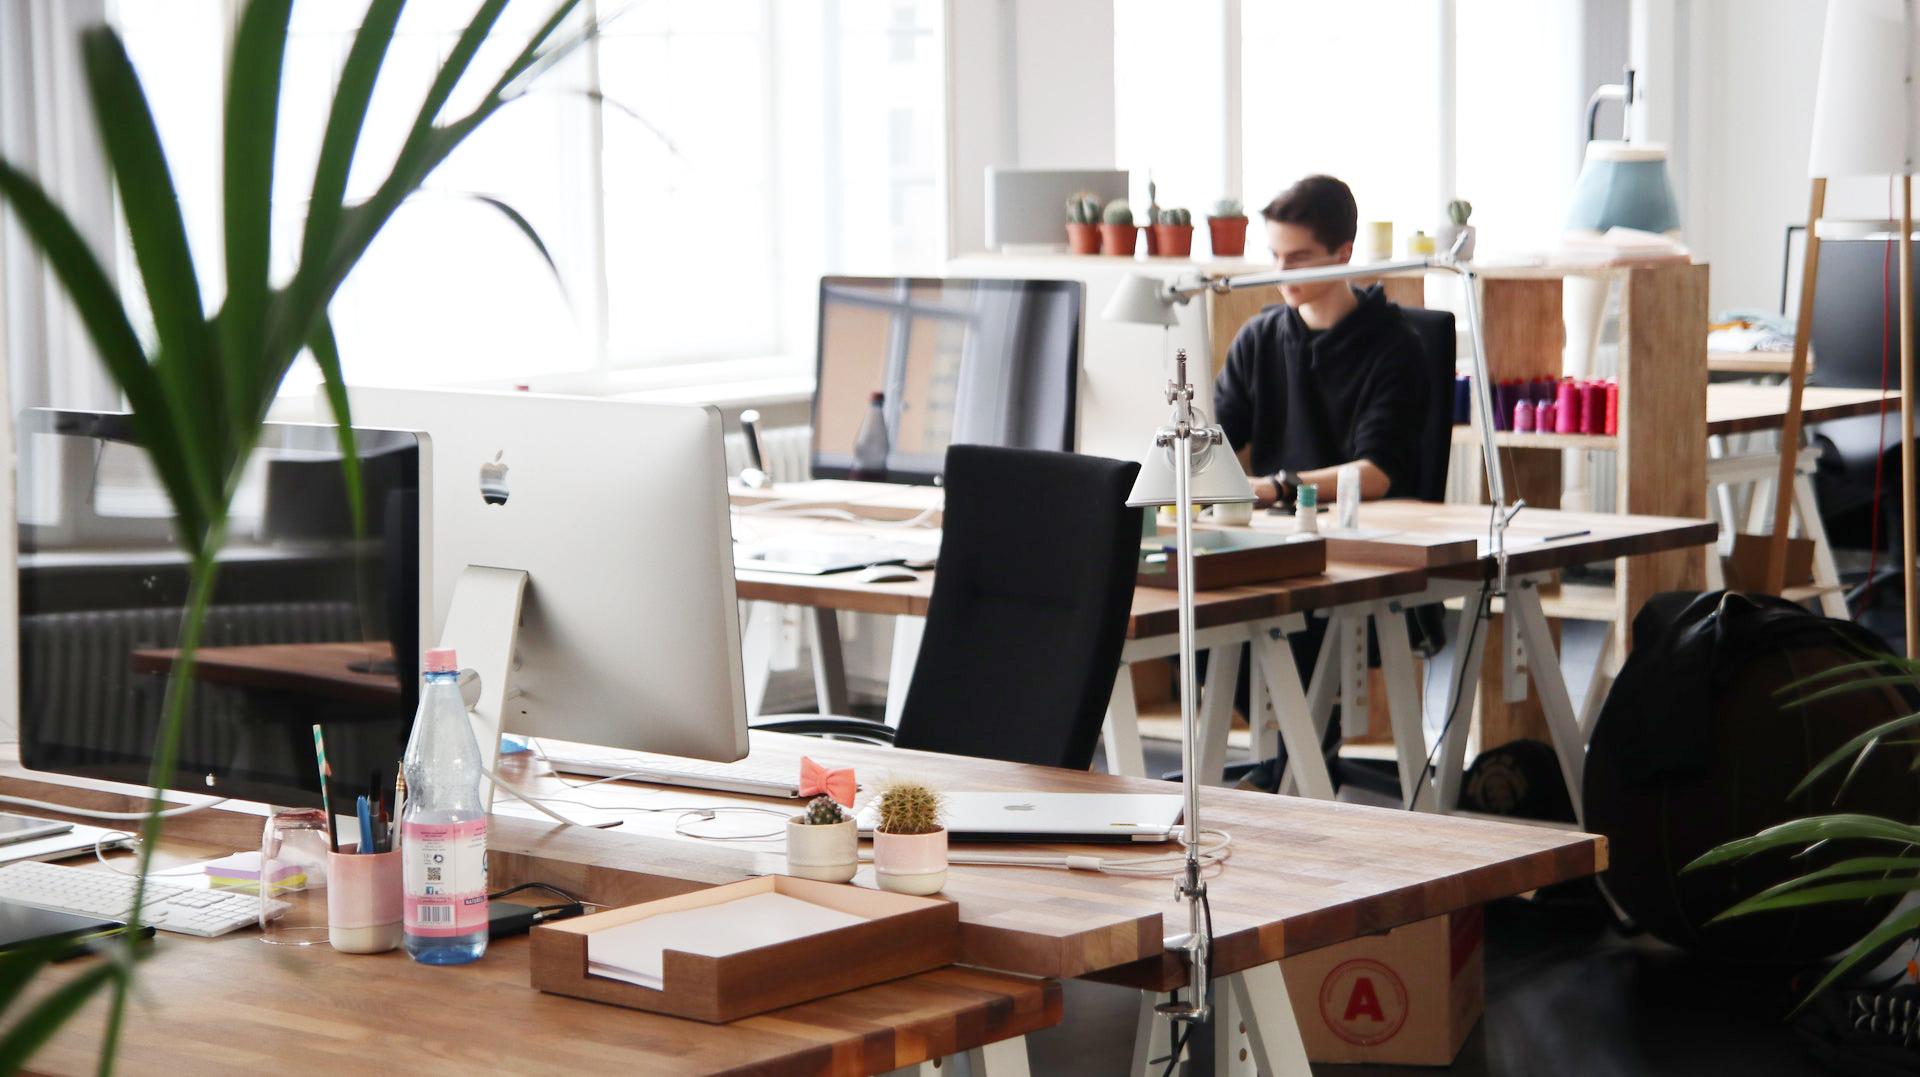 Arrière plan virtuel pour visioconférence : Au bureau